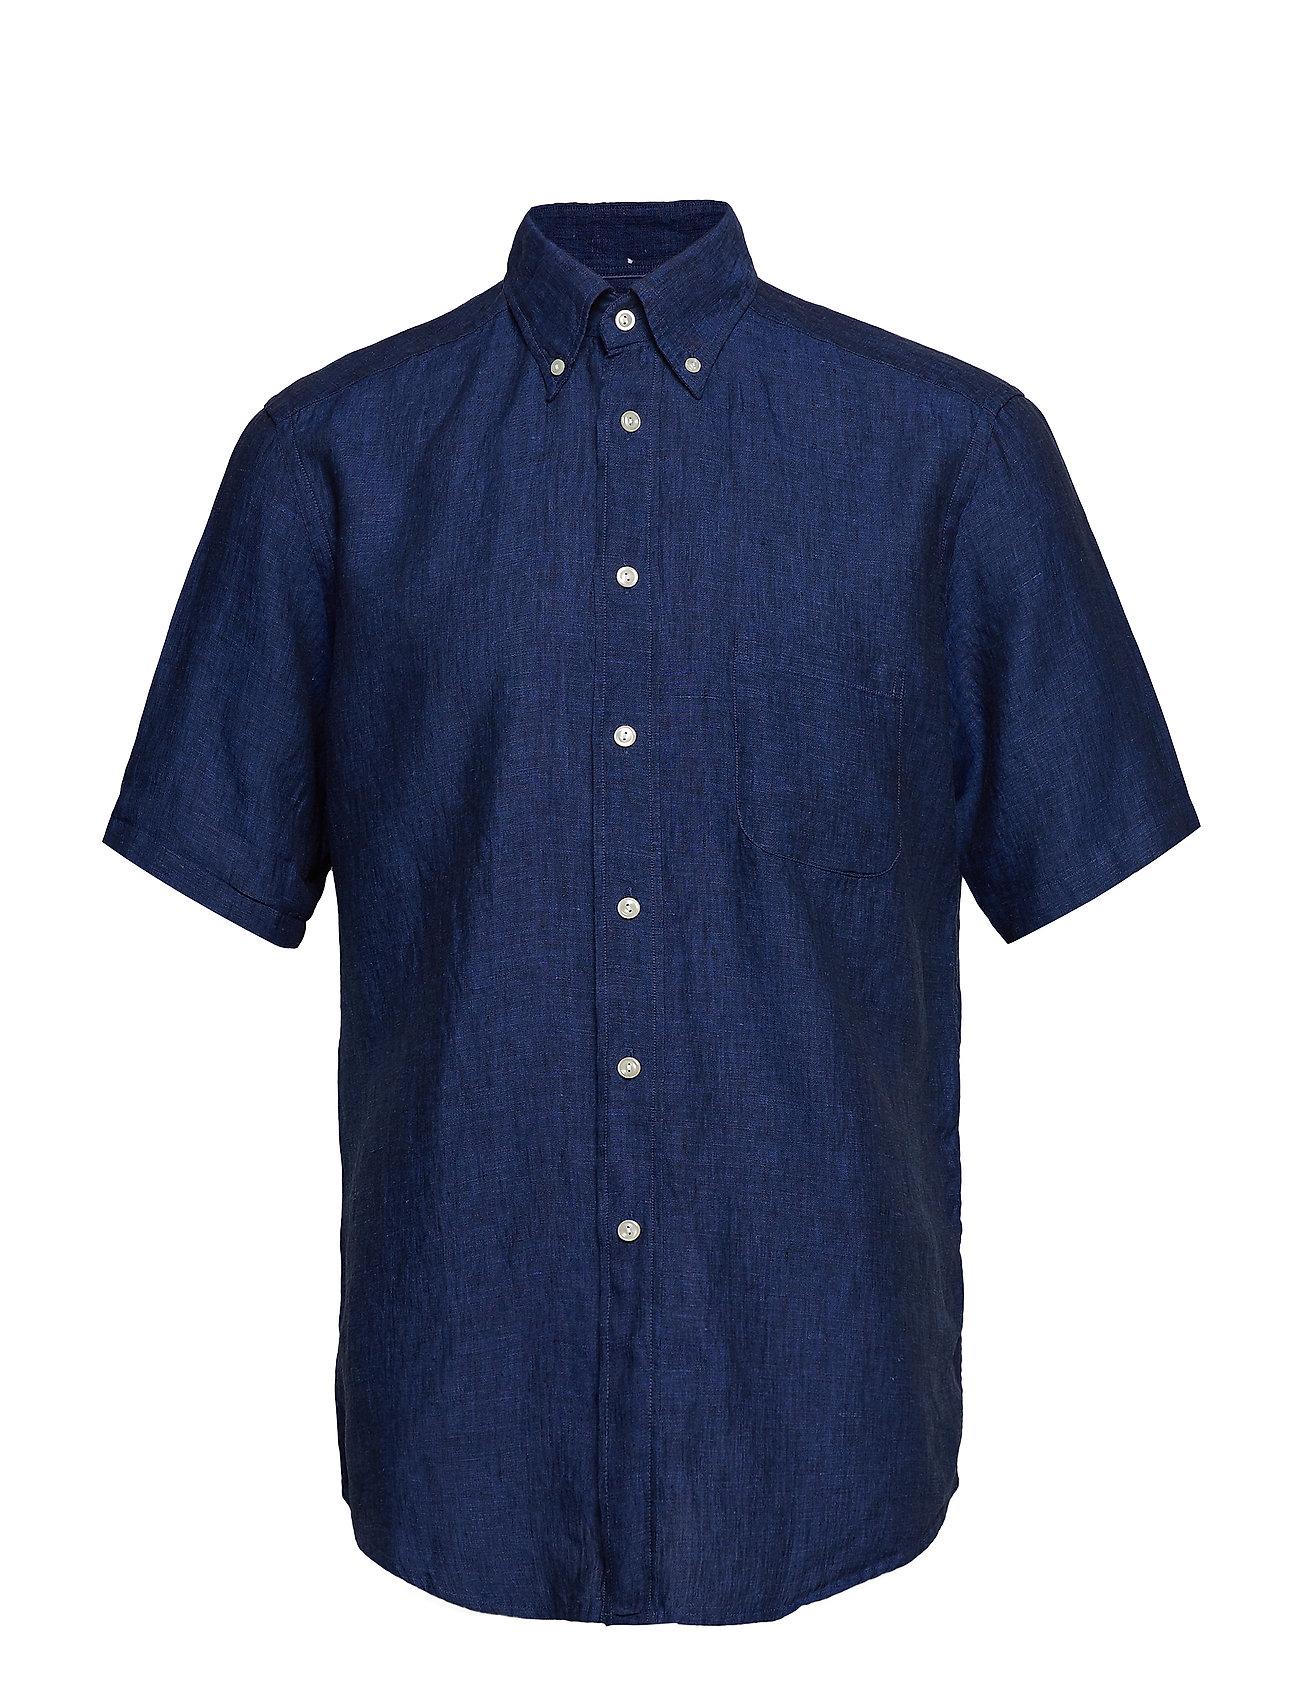 Eton Green Linen Short Sleeve Shirt